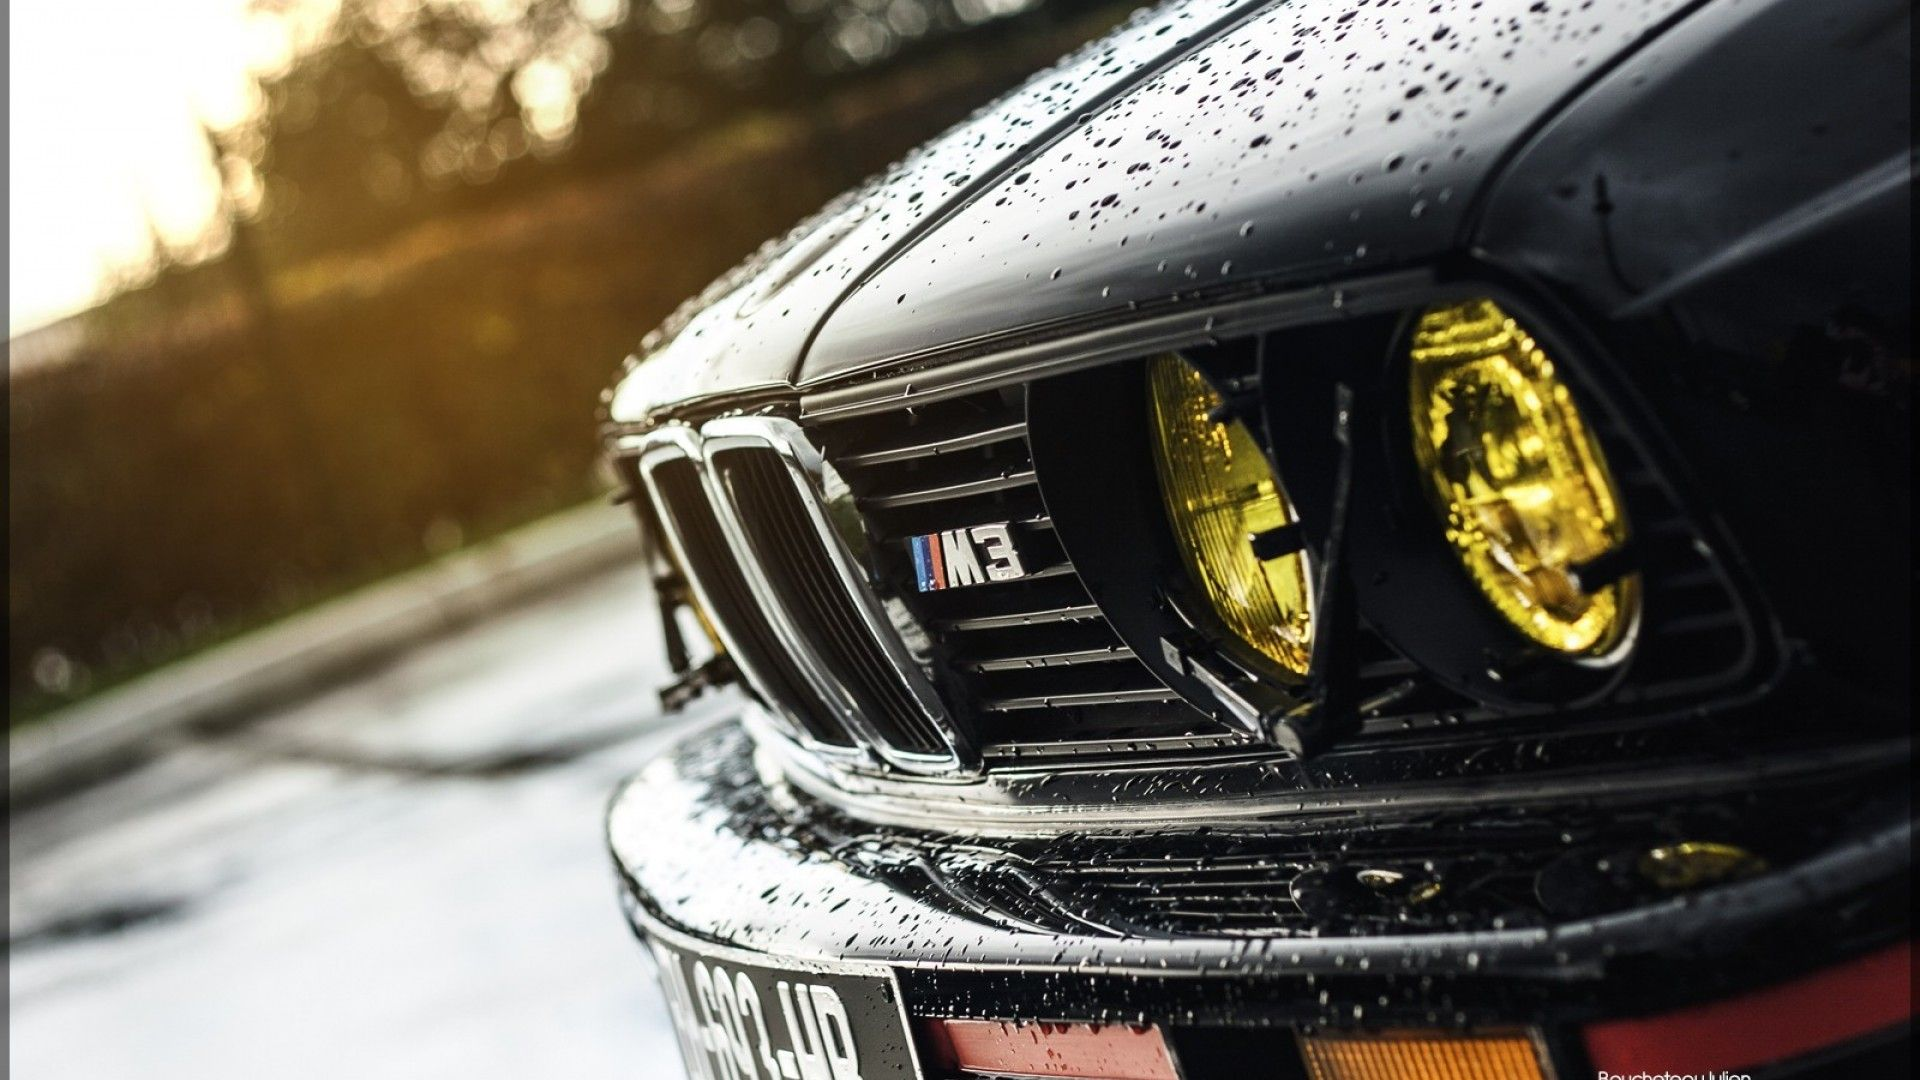 bmw e30 | cars | pinterest | bmw e30, e30 and bmw